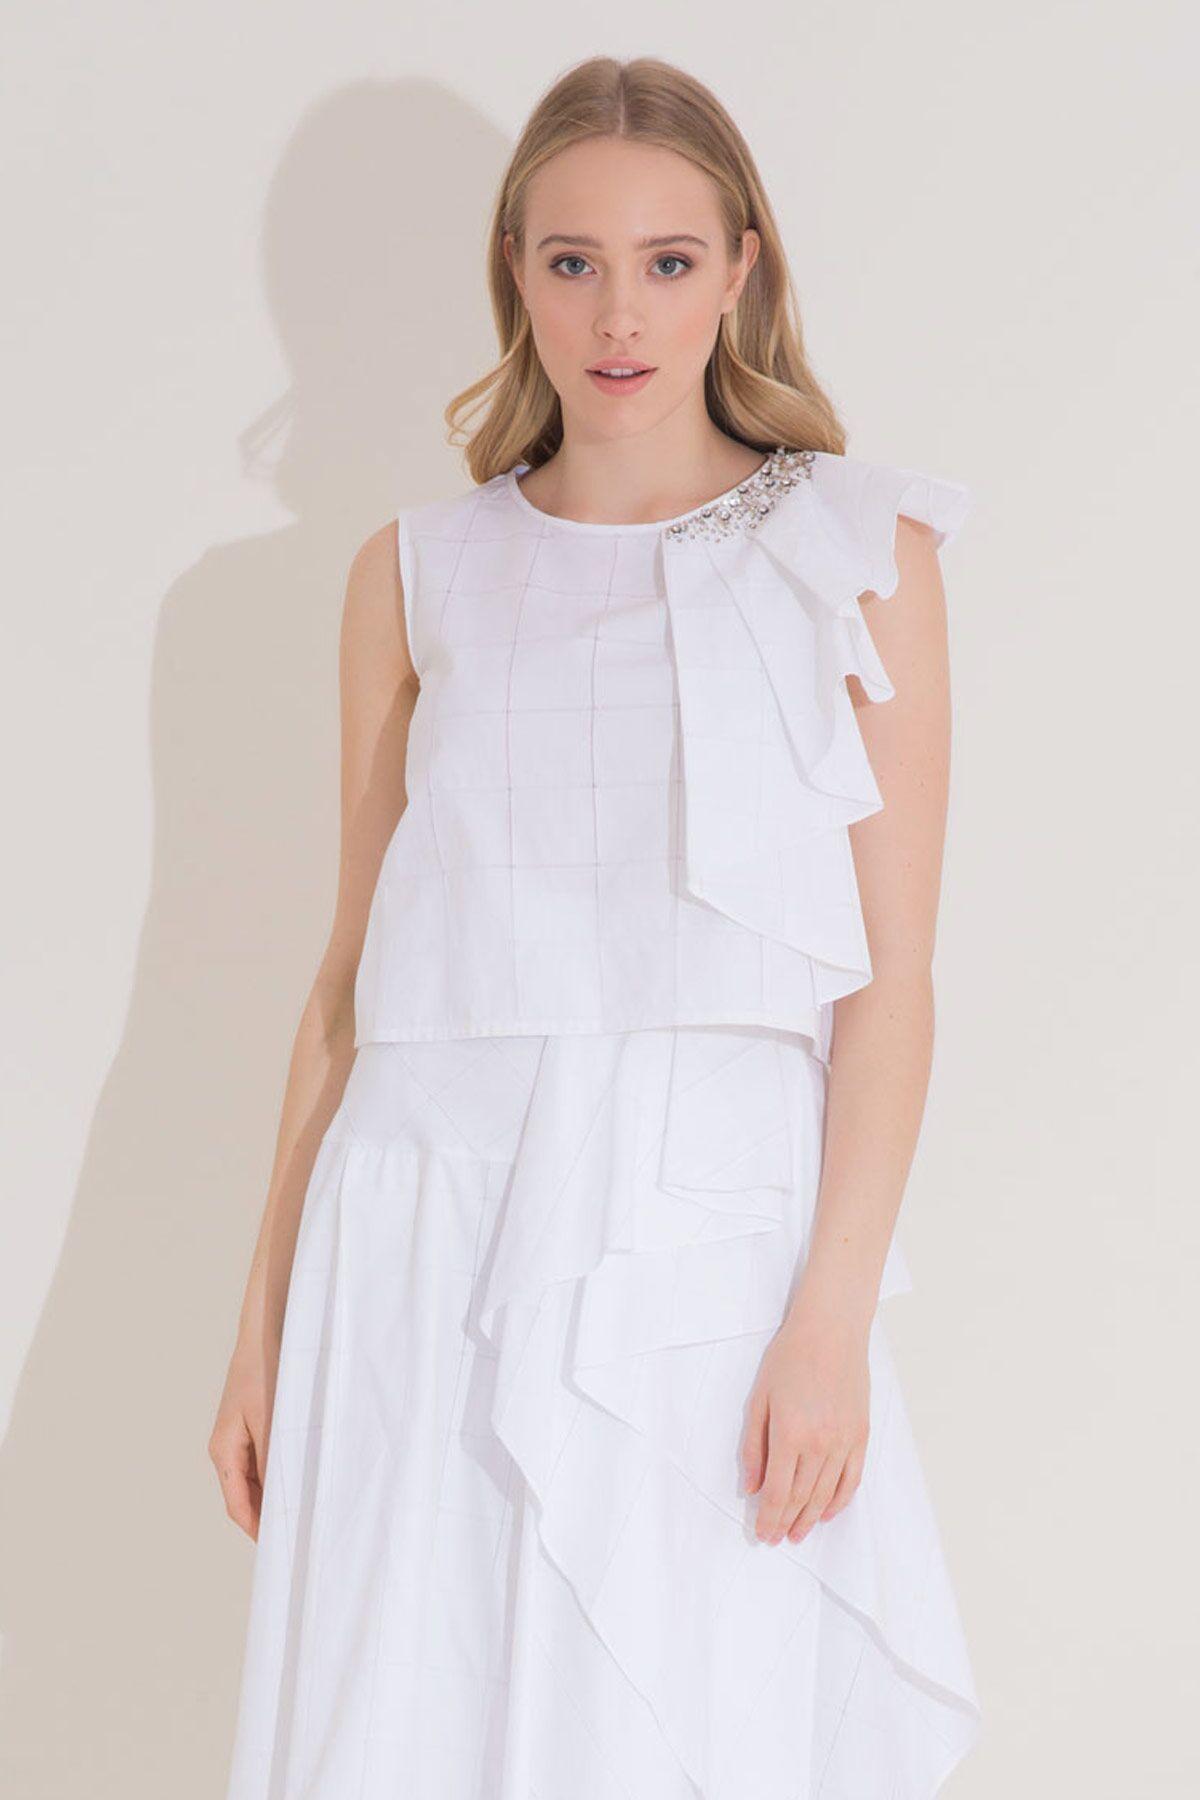 Fırfır Detaylı İşlemeli Beyaz Poplin Bluz